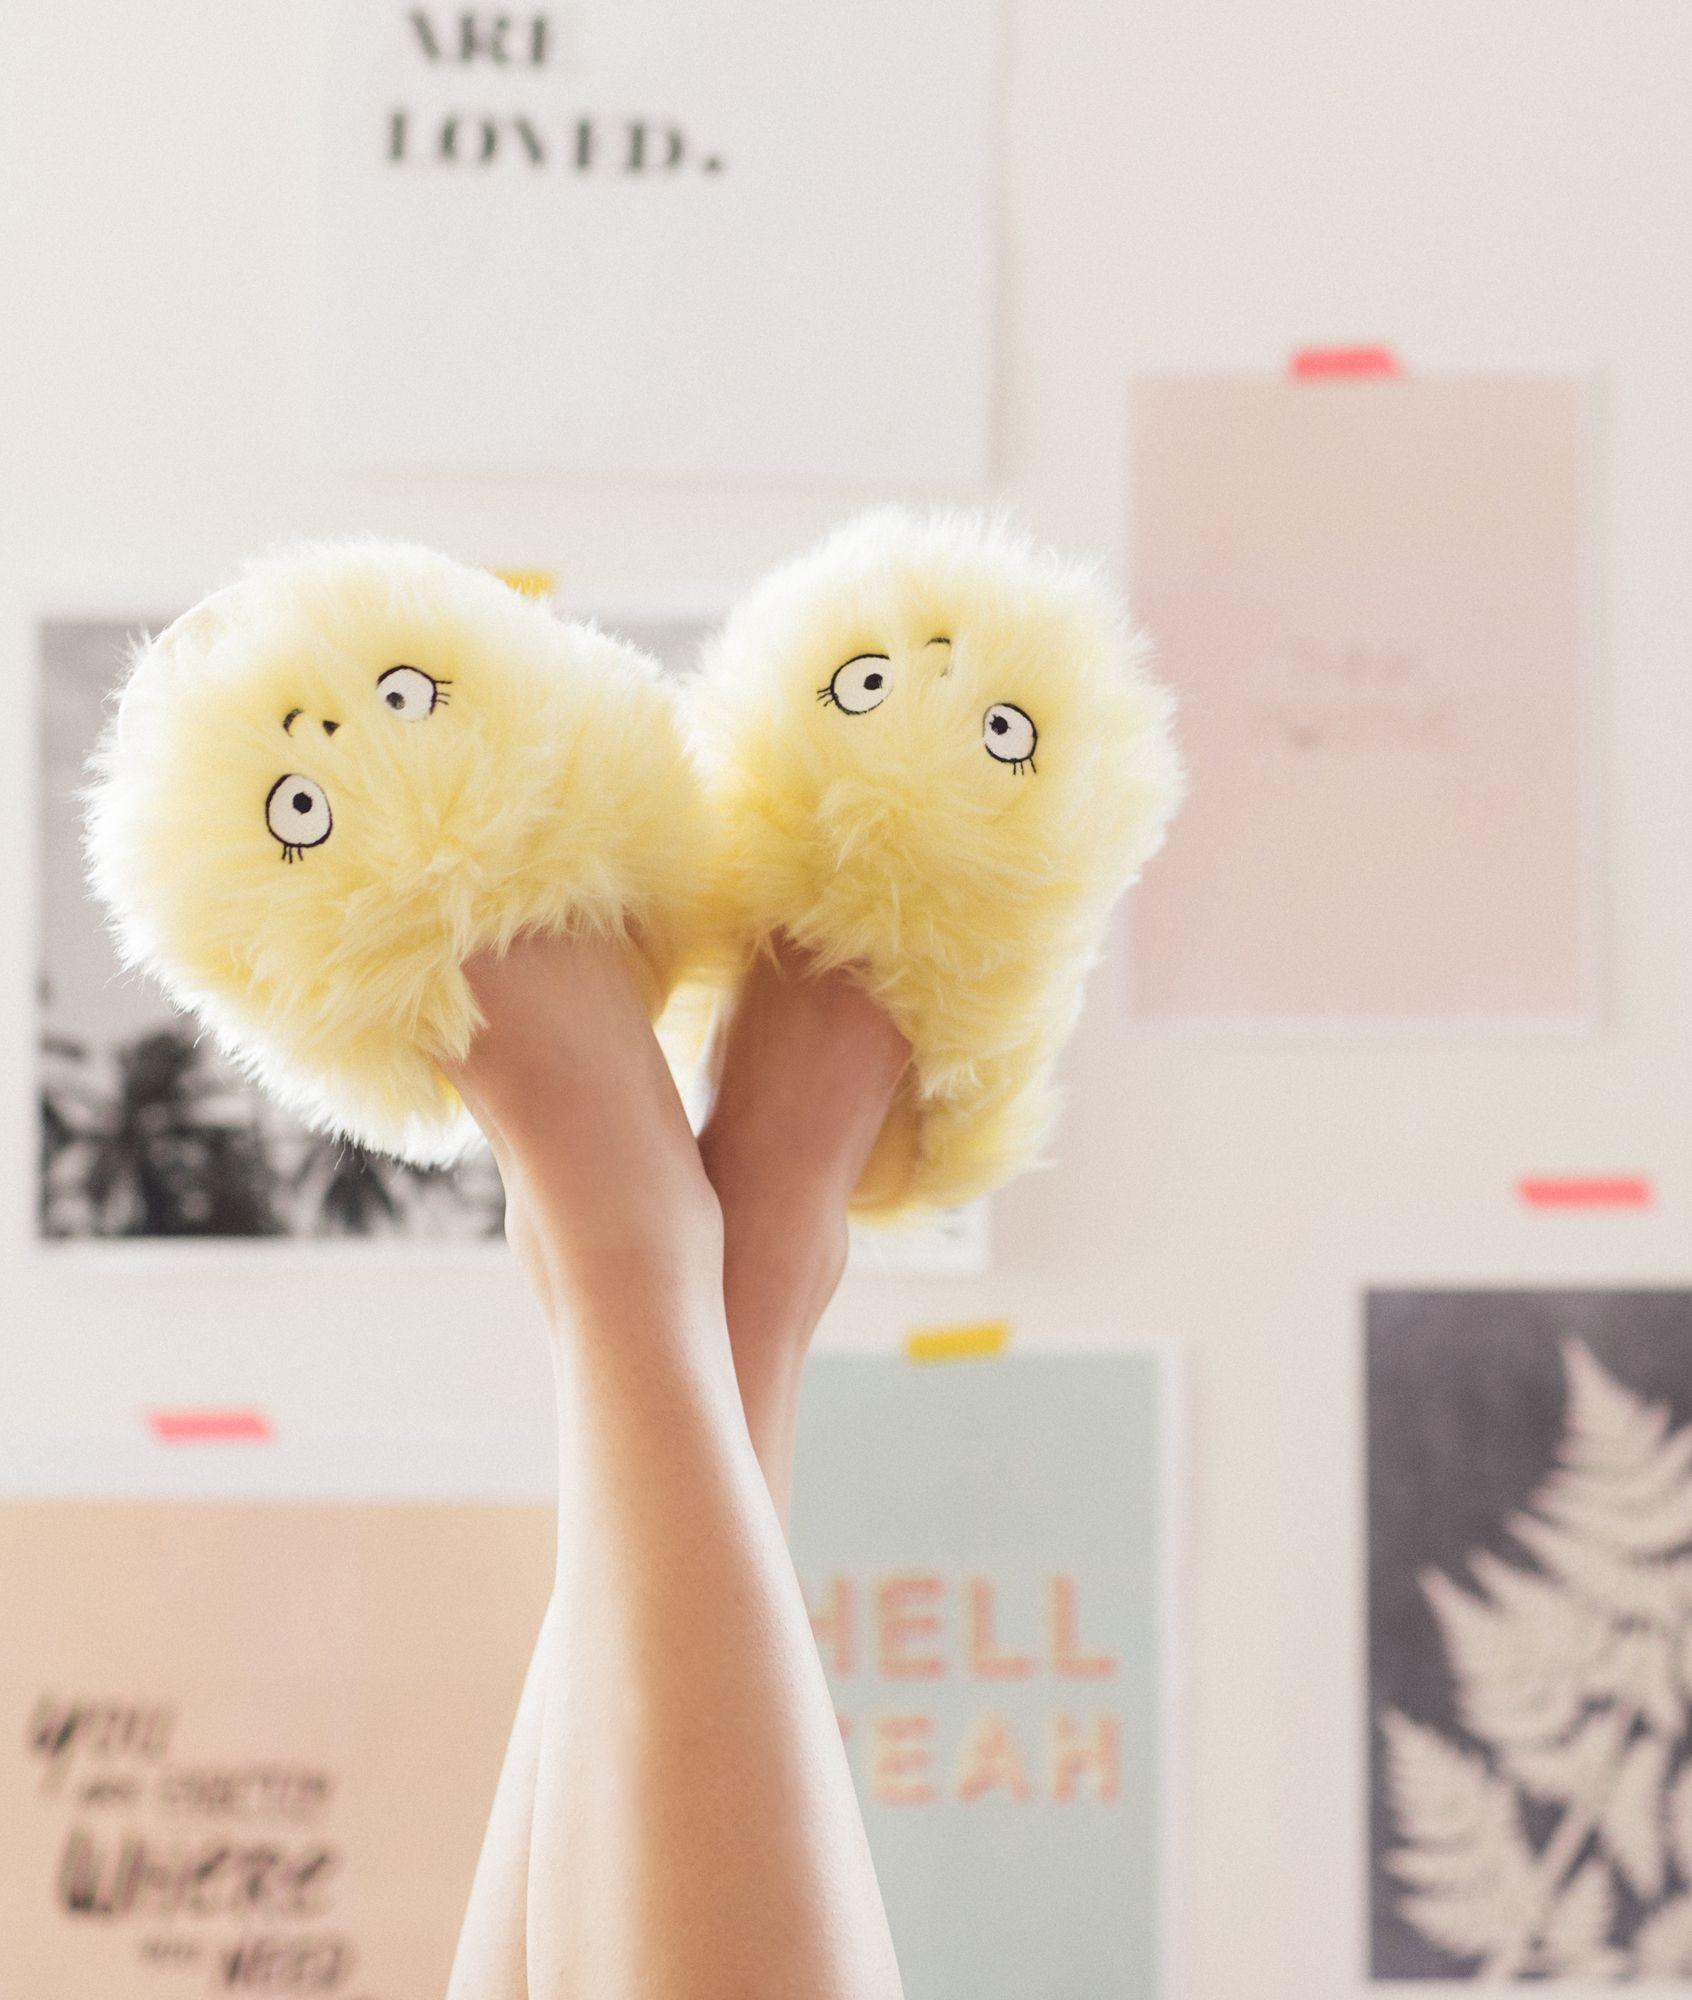 Pantoufles pour La Maison Pantoufles DInt/éRieur Pantoufles Femmes Yncc Warm Home Plush Soft Pantoufles Antid/érapantes Pantoufles Chaudes dhiver Pantoufles De Coton